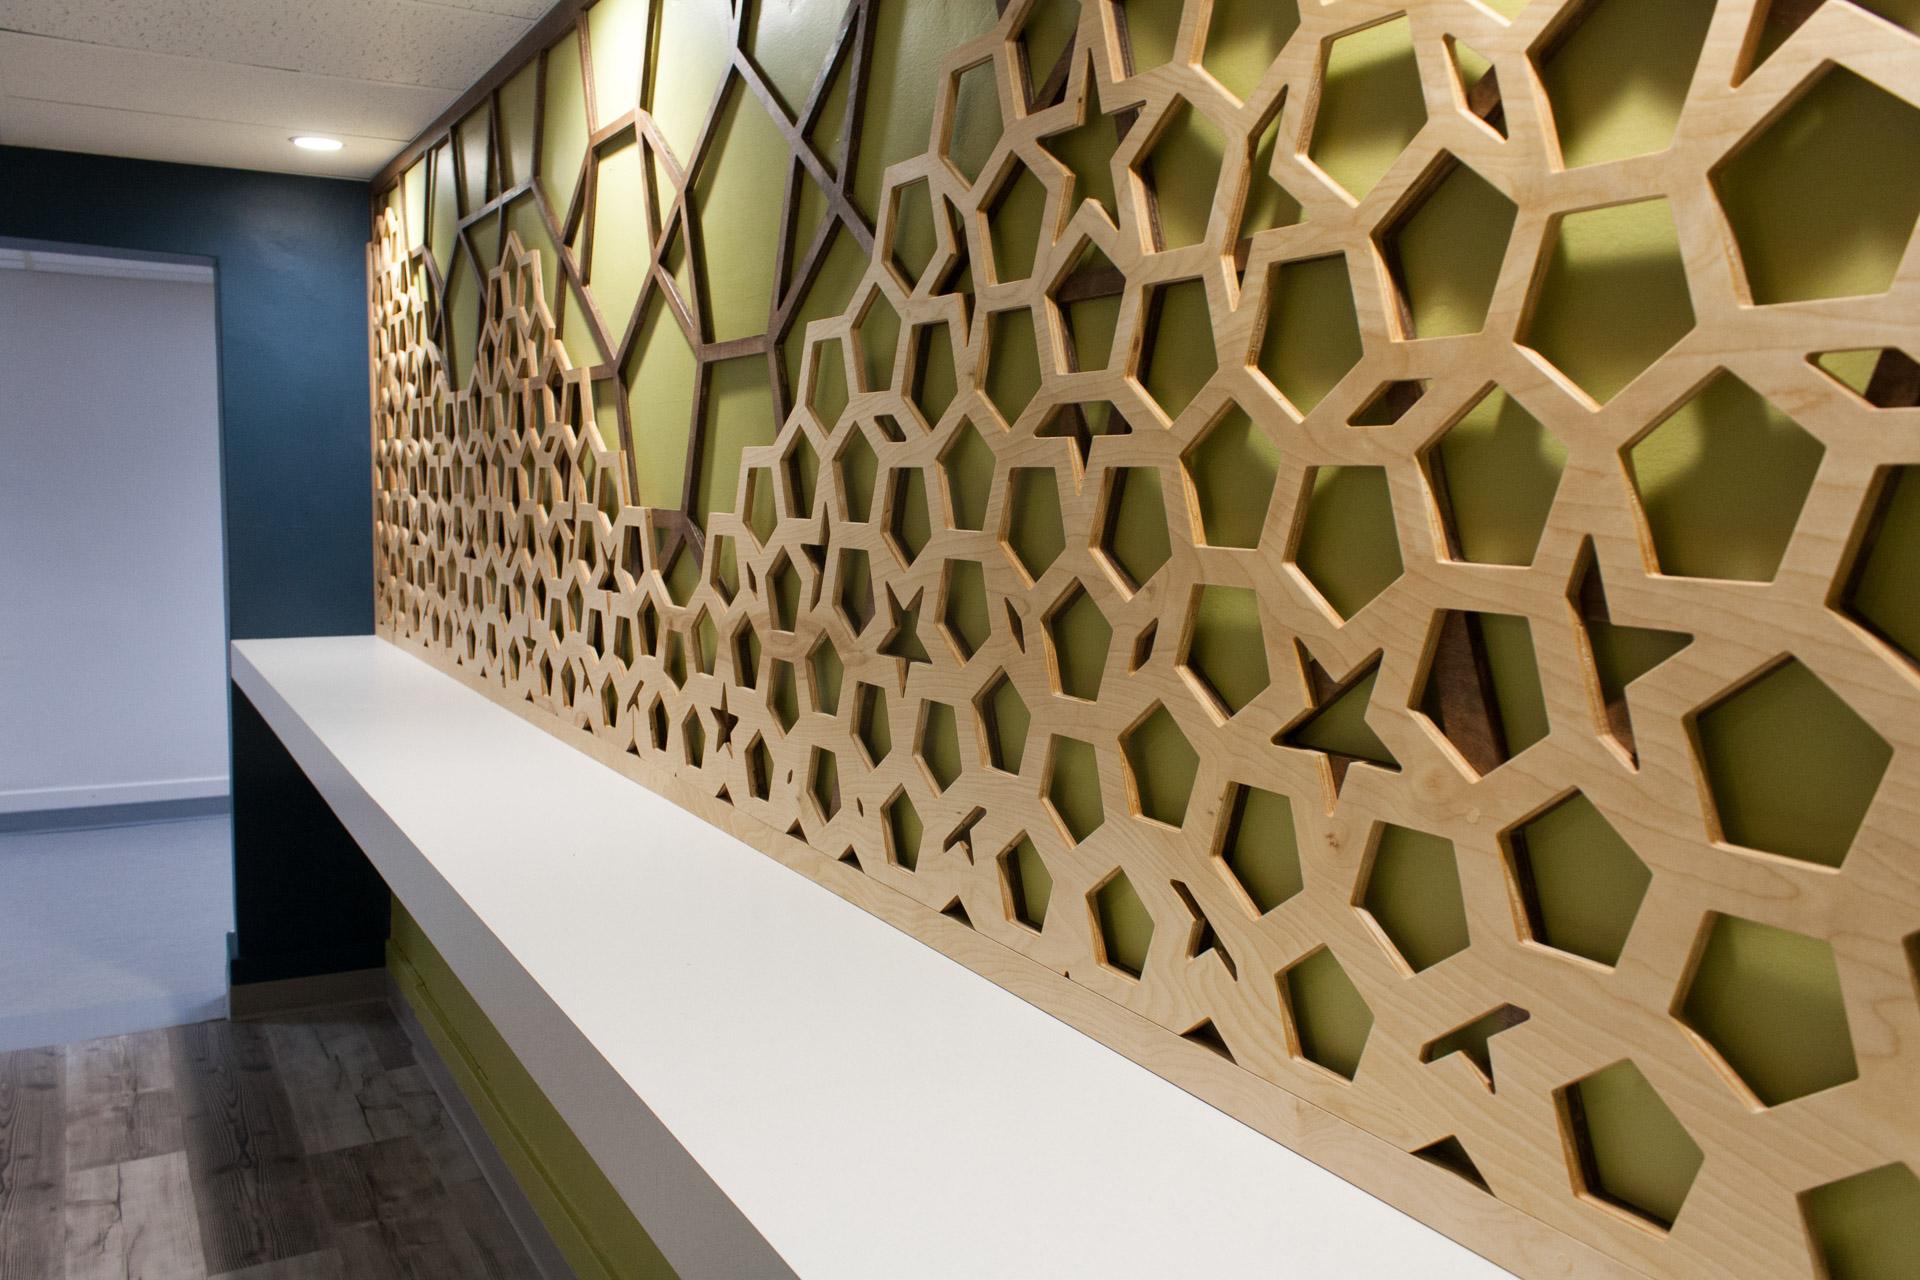 Geometric Wood Mural CNC cut